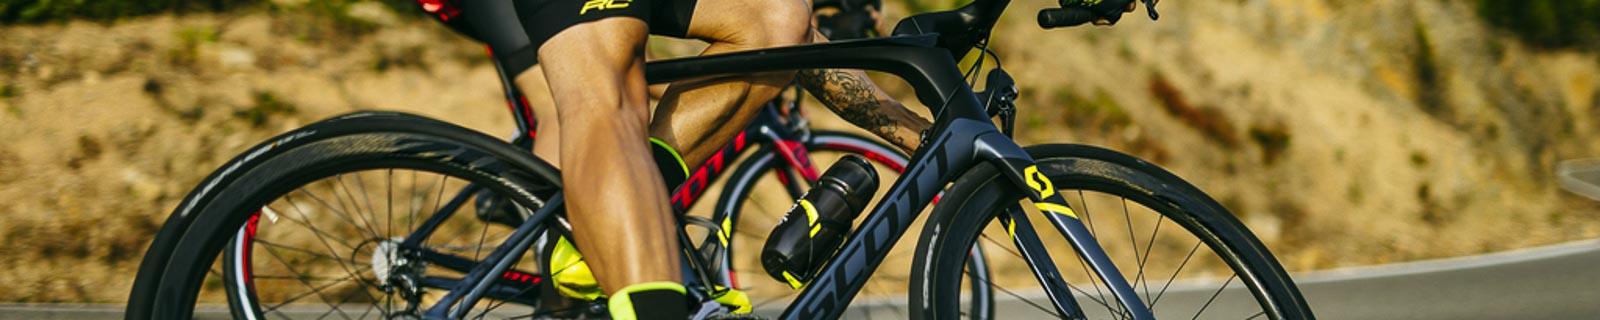 Bicicletas de carreras de carbono para hombres